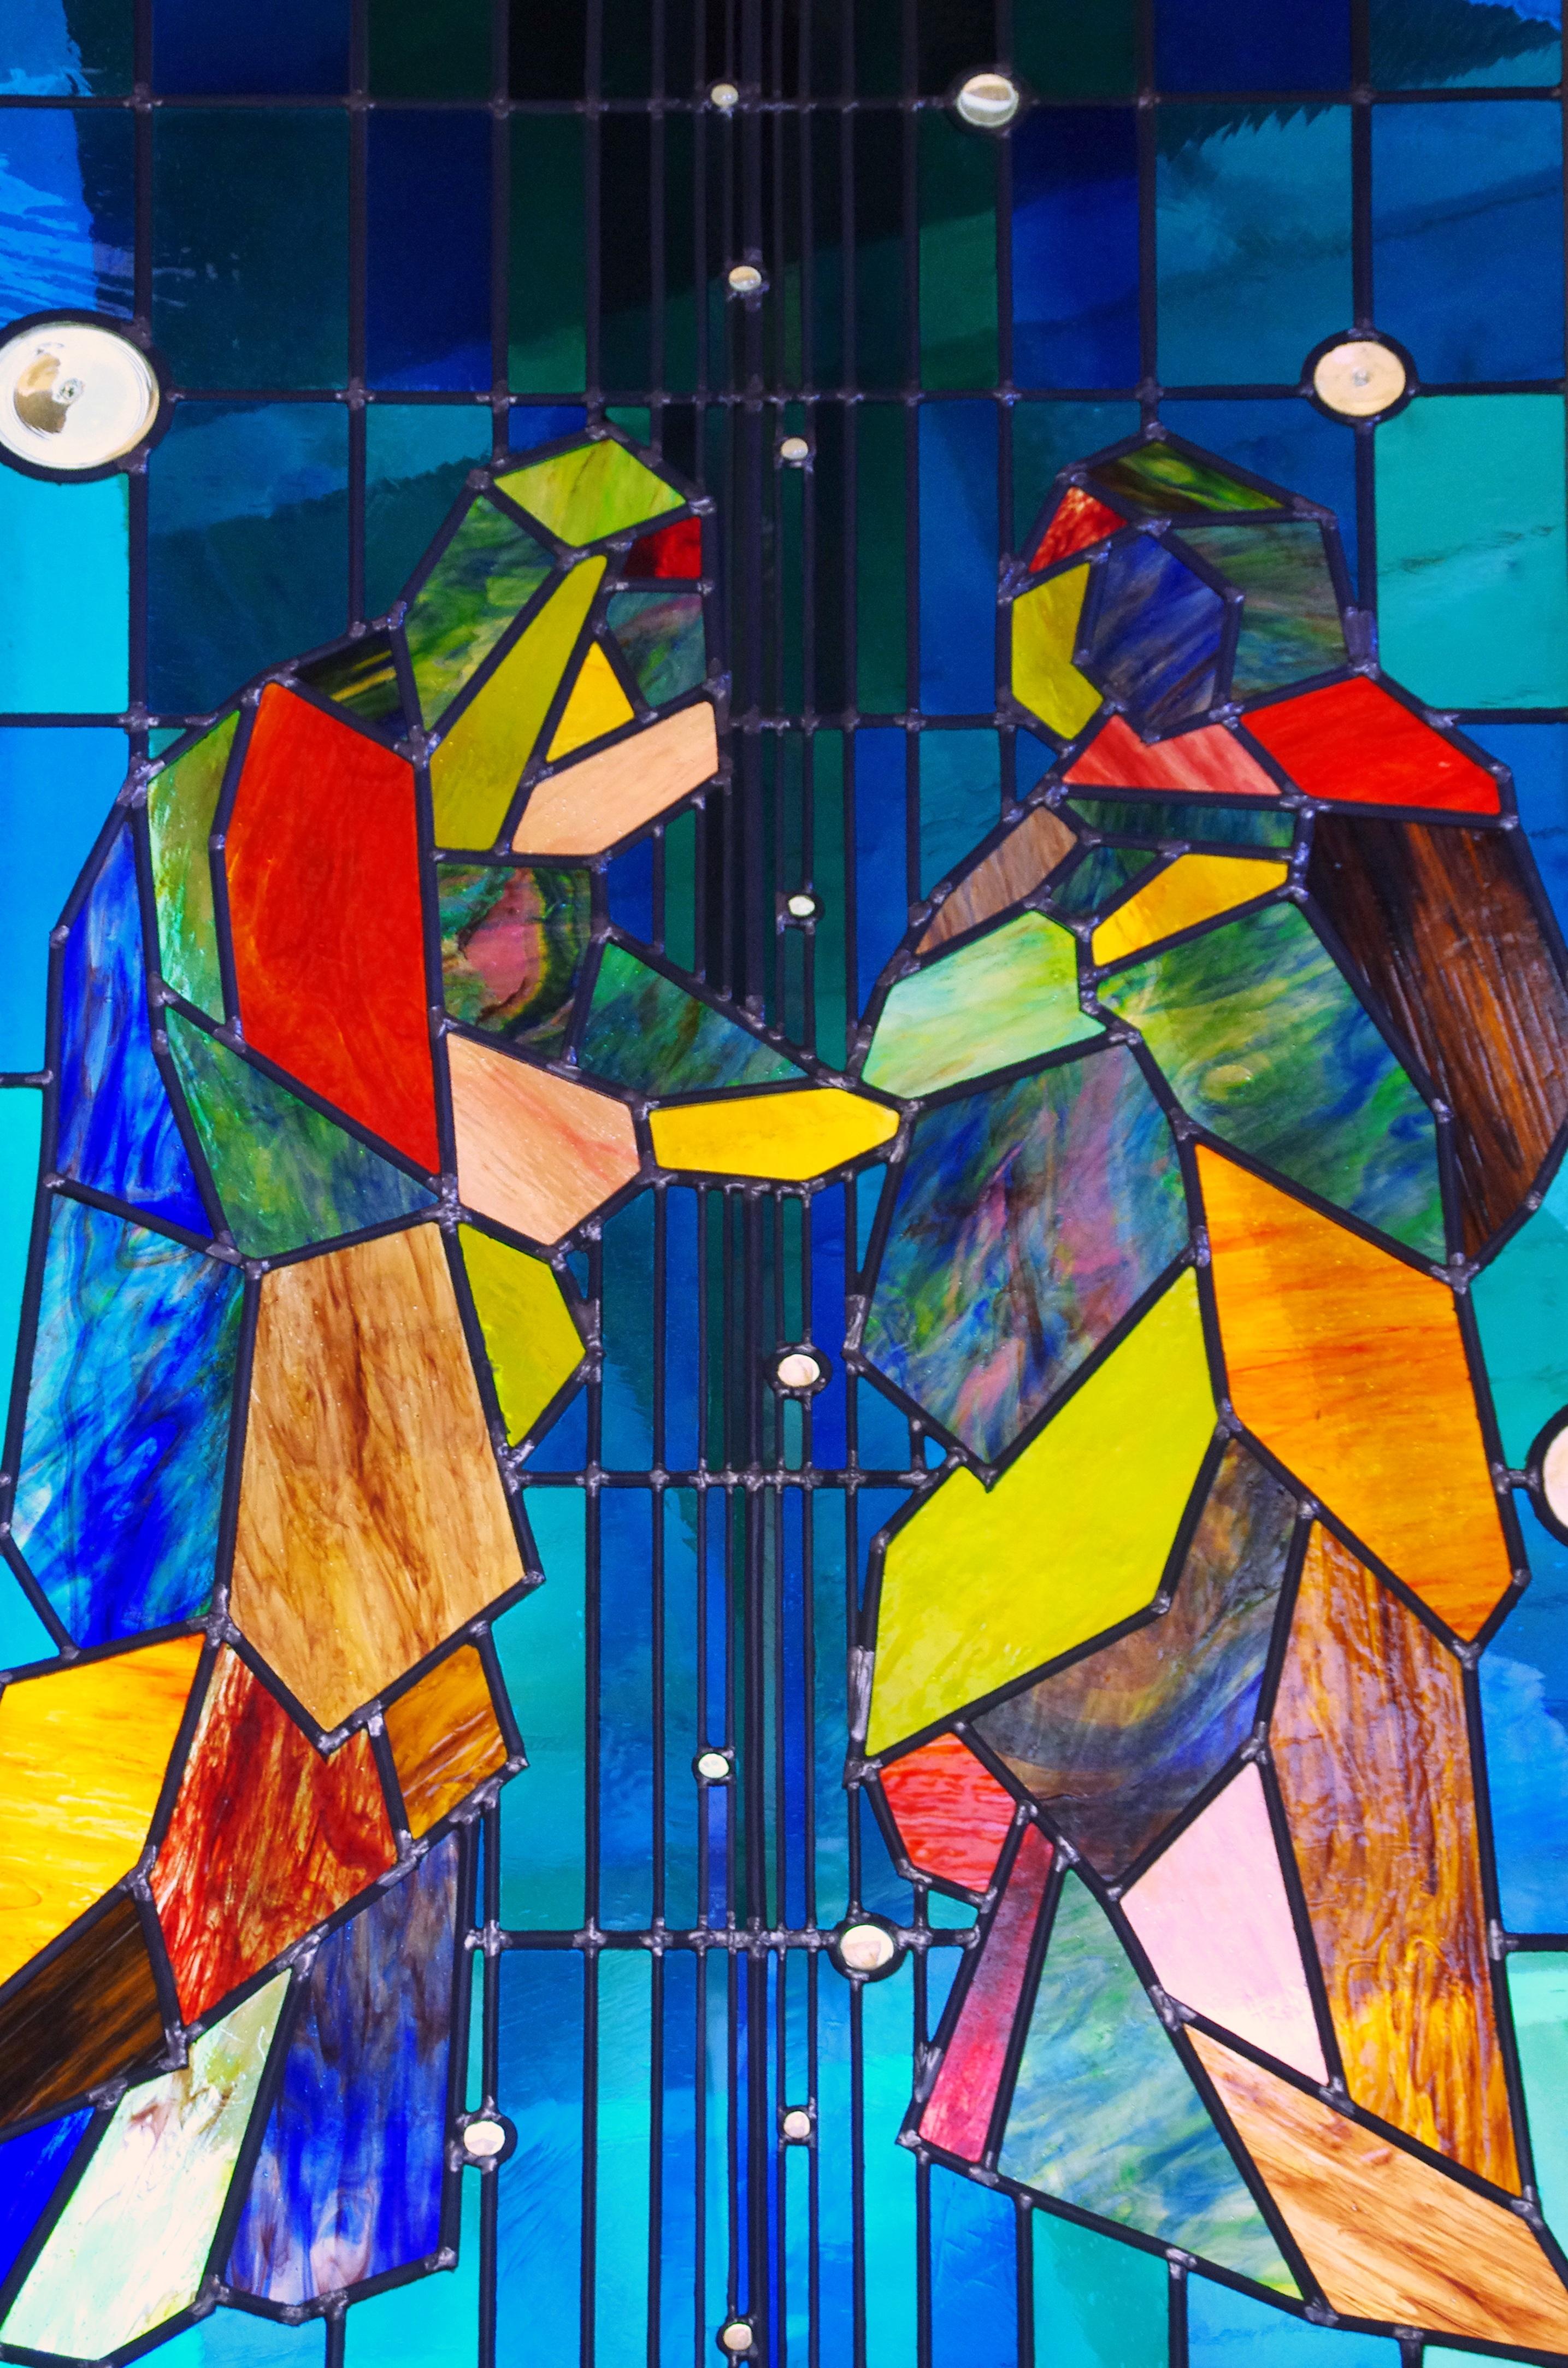 Fotoğraf ışık Pencere Bardak Renk Malzeme Vitray Boyama